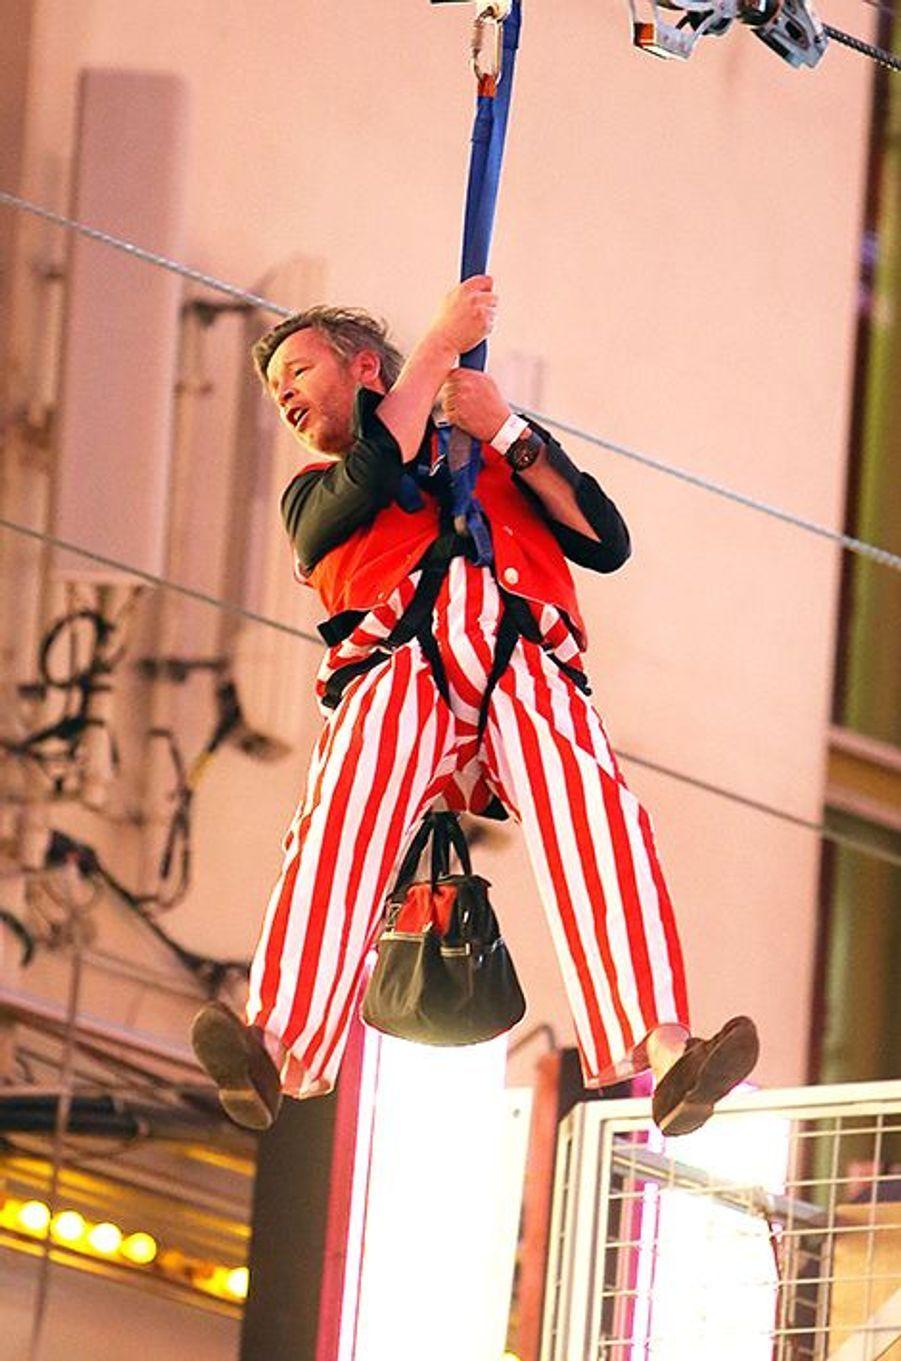 Jean-Michel Maire, en Oncle Sam, suspendu dans les airs sur la Freemont Street